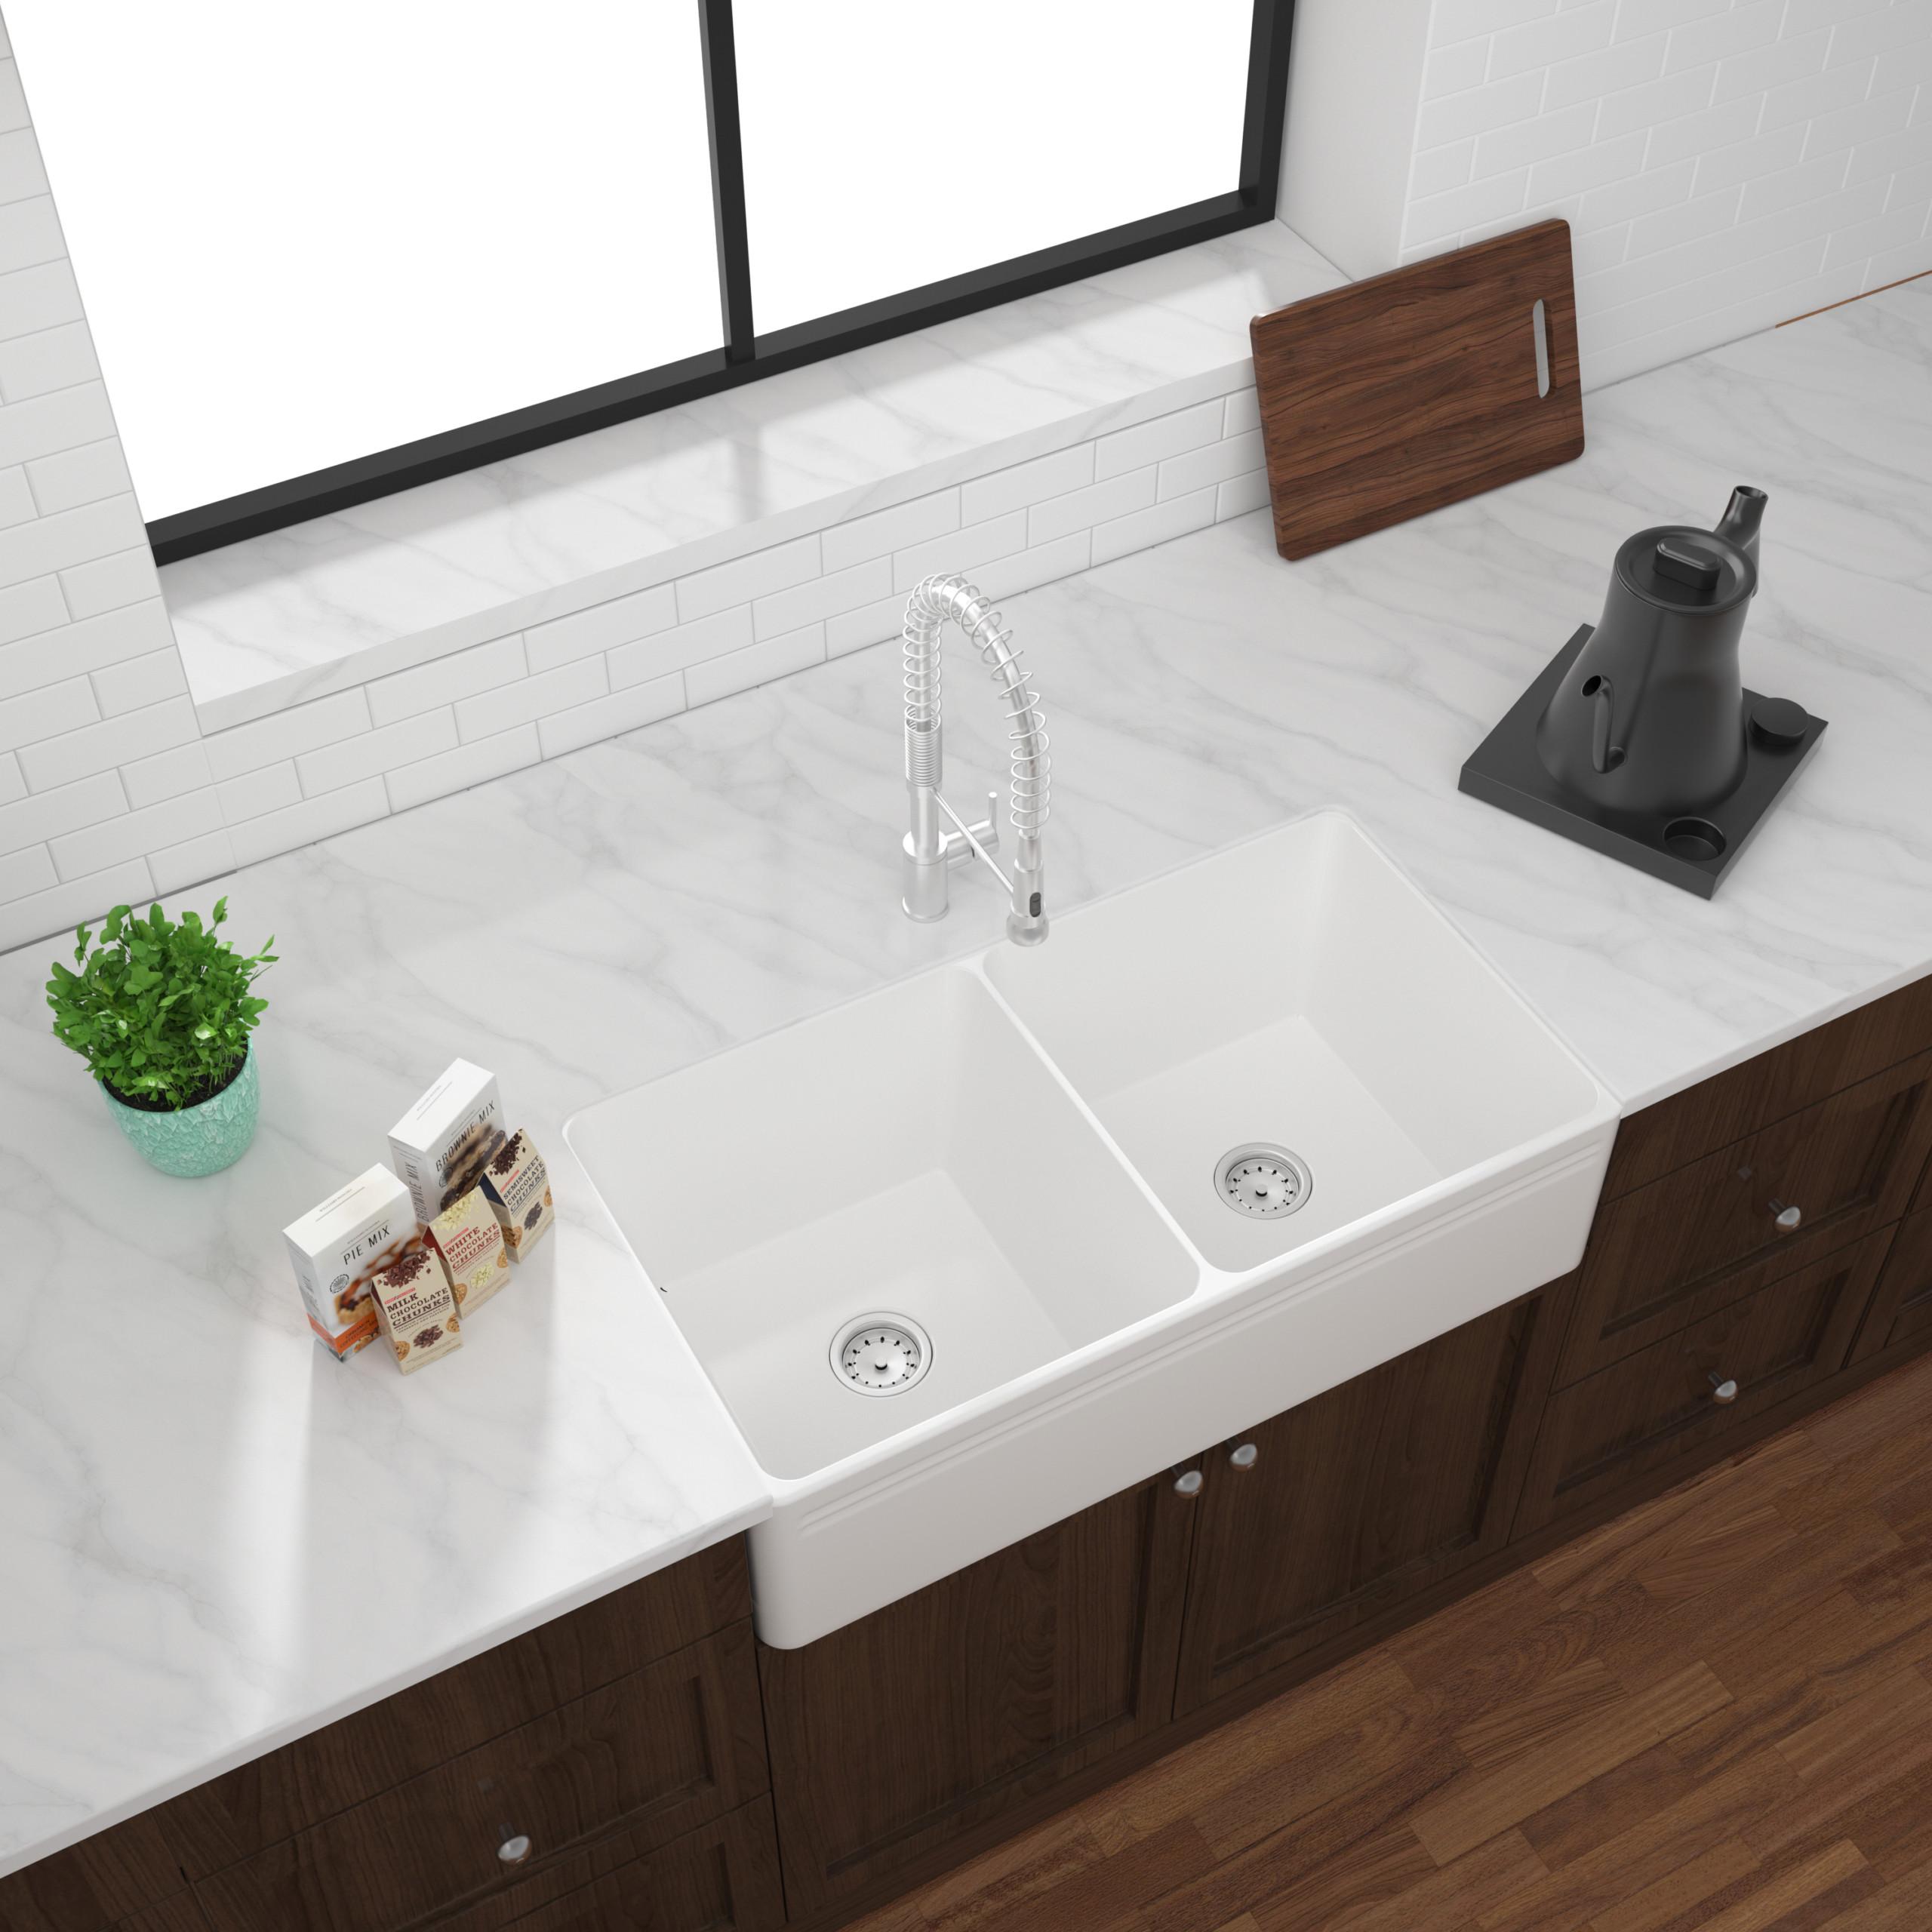 As243 33 25 X 18 X 10 10 Double Bowl Apron Porcelain Kitchen Sink Amerisink